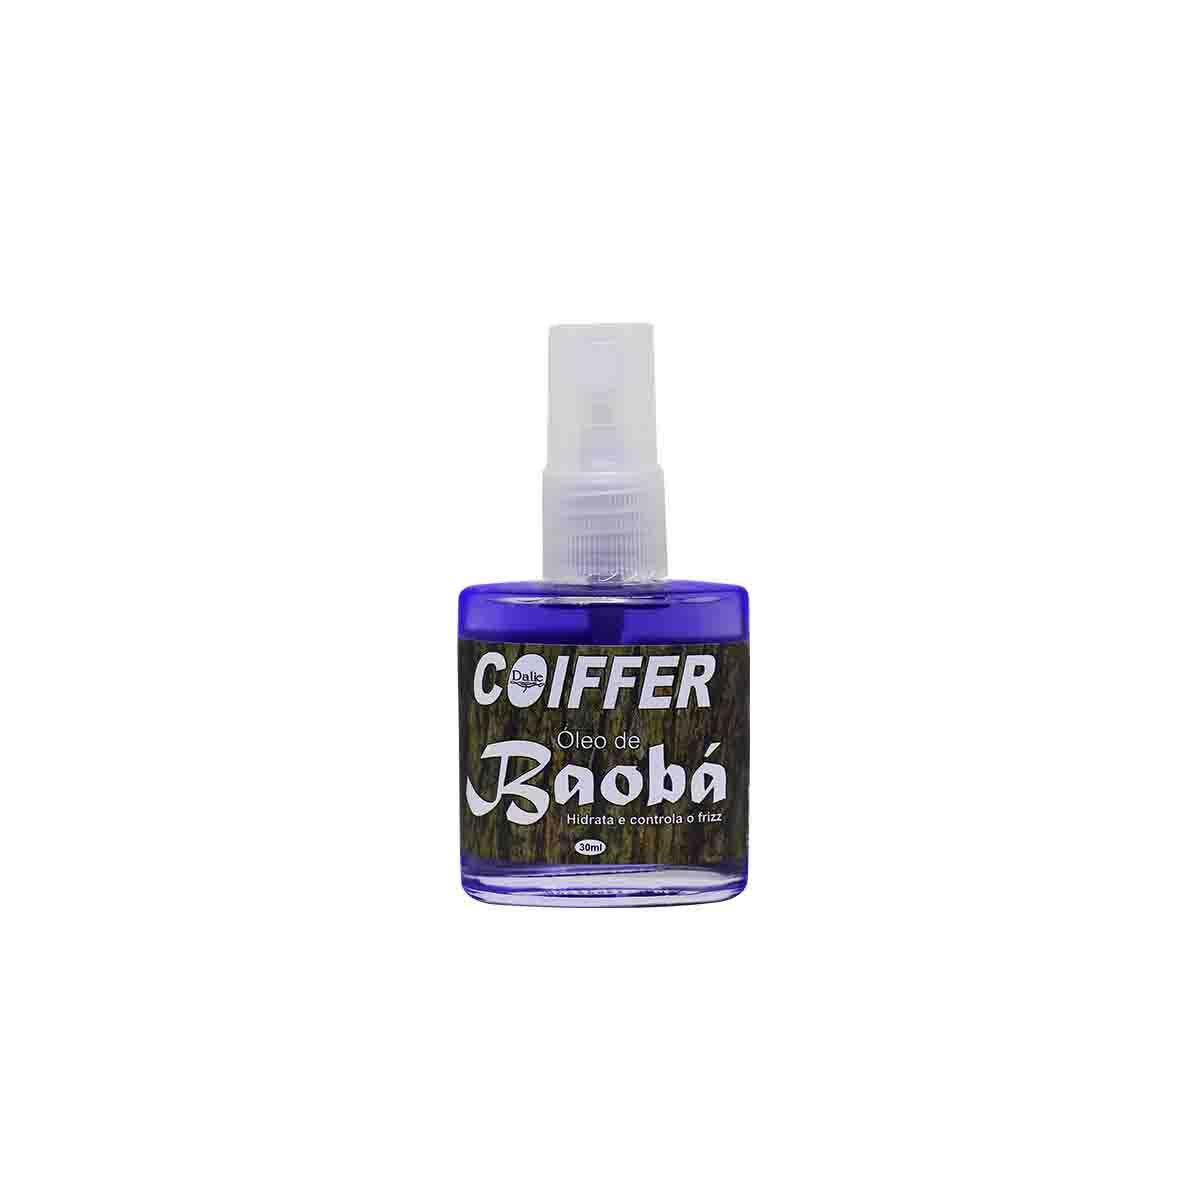 Finalizador Capilar Oleo de Baoba Coiffer 80ml